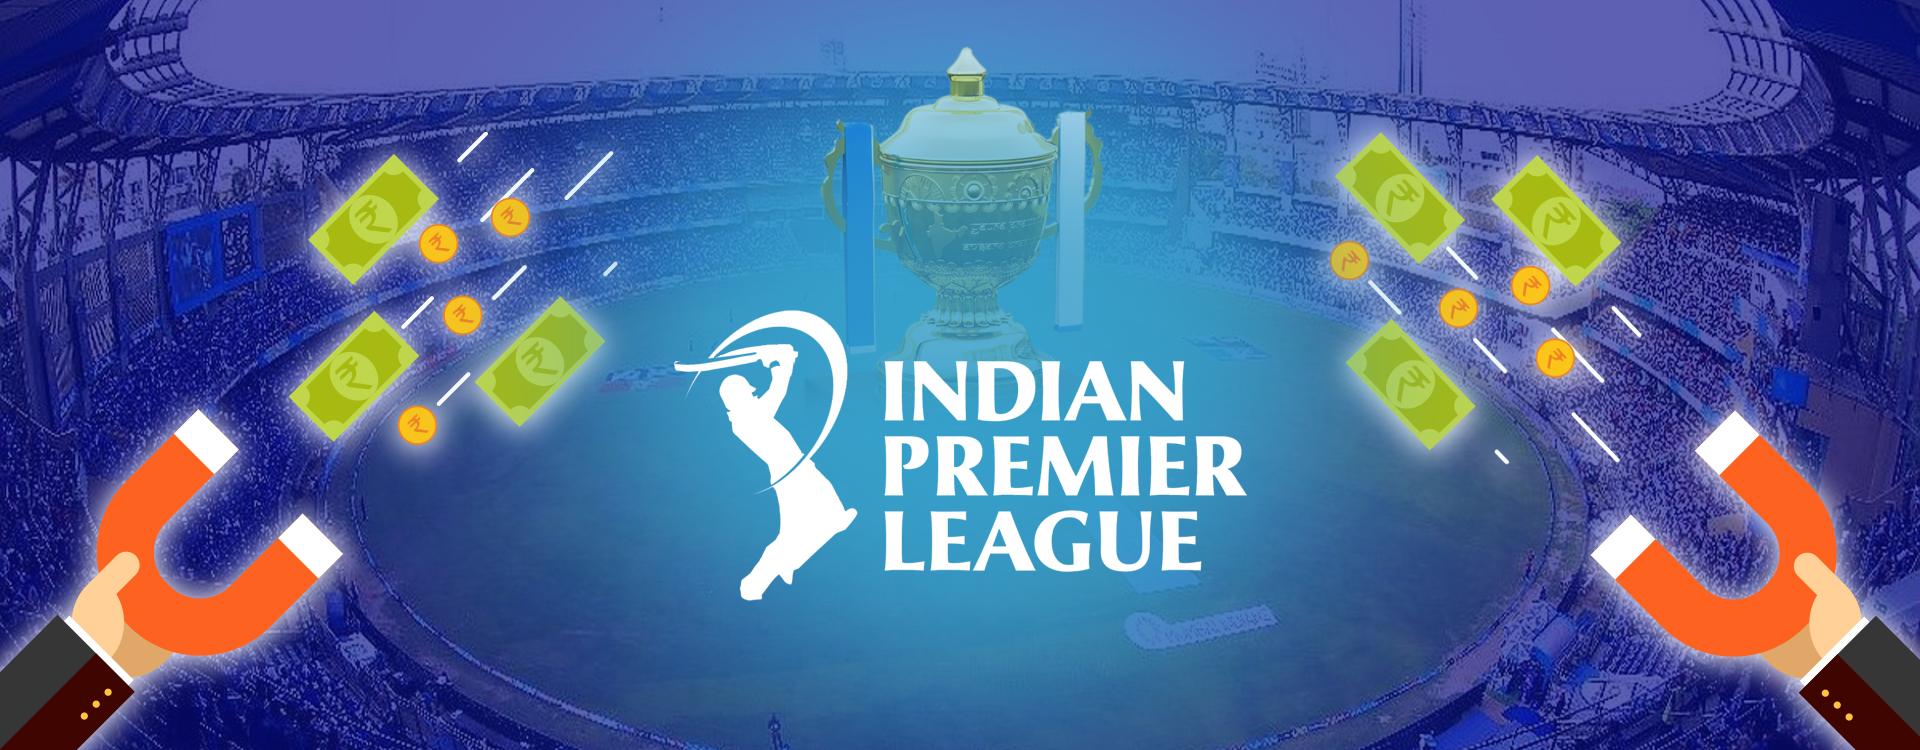 How Do IPL Teams Make Money?